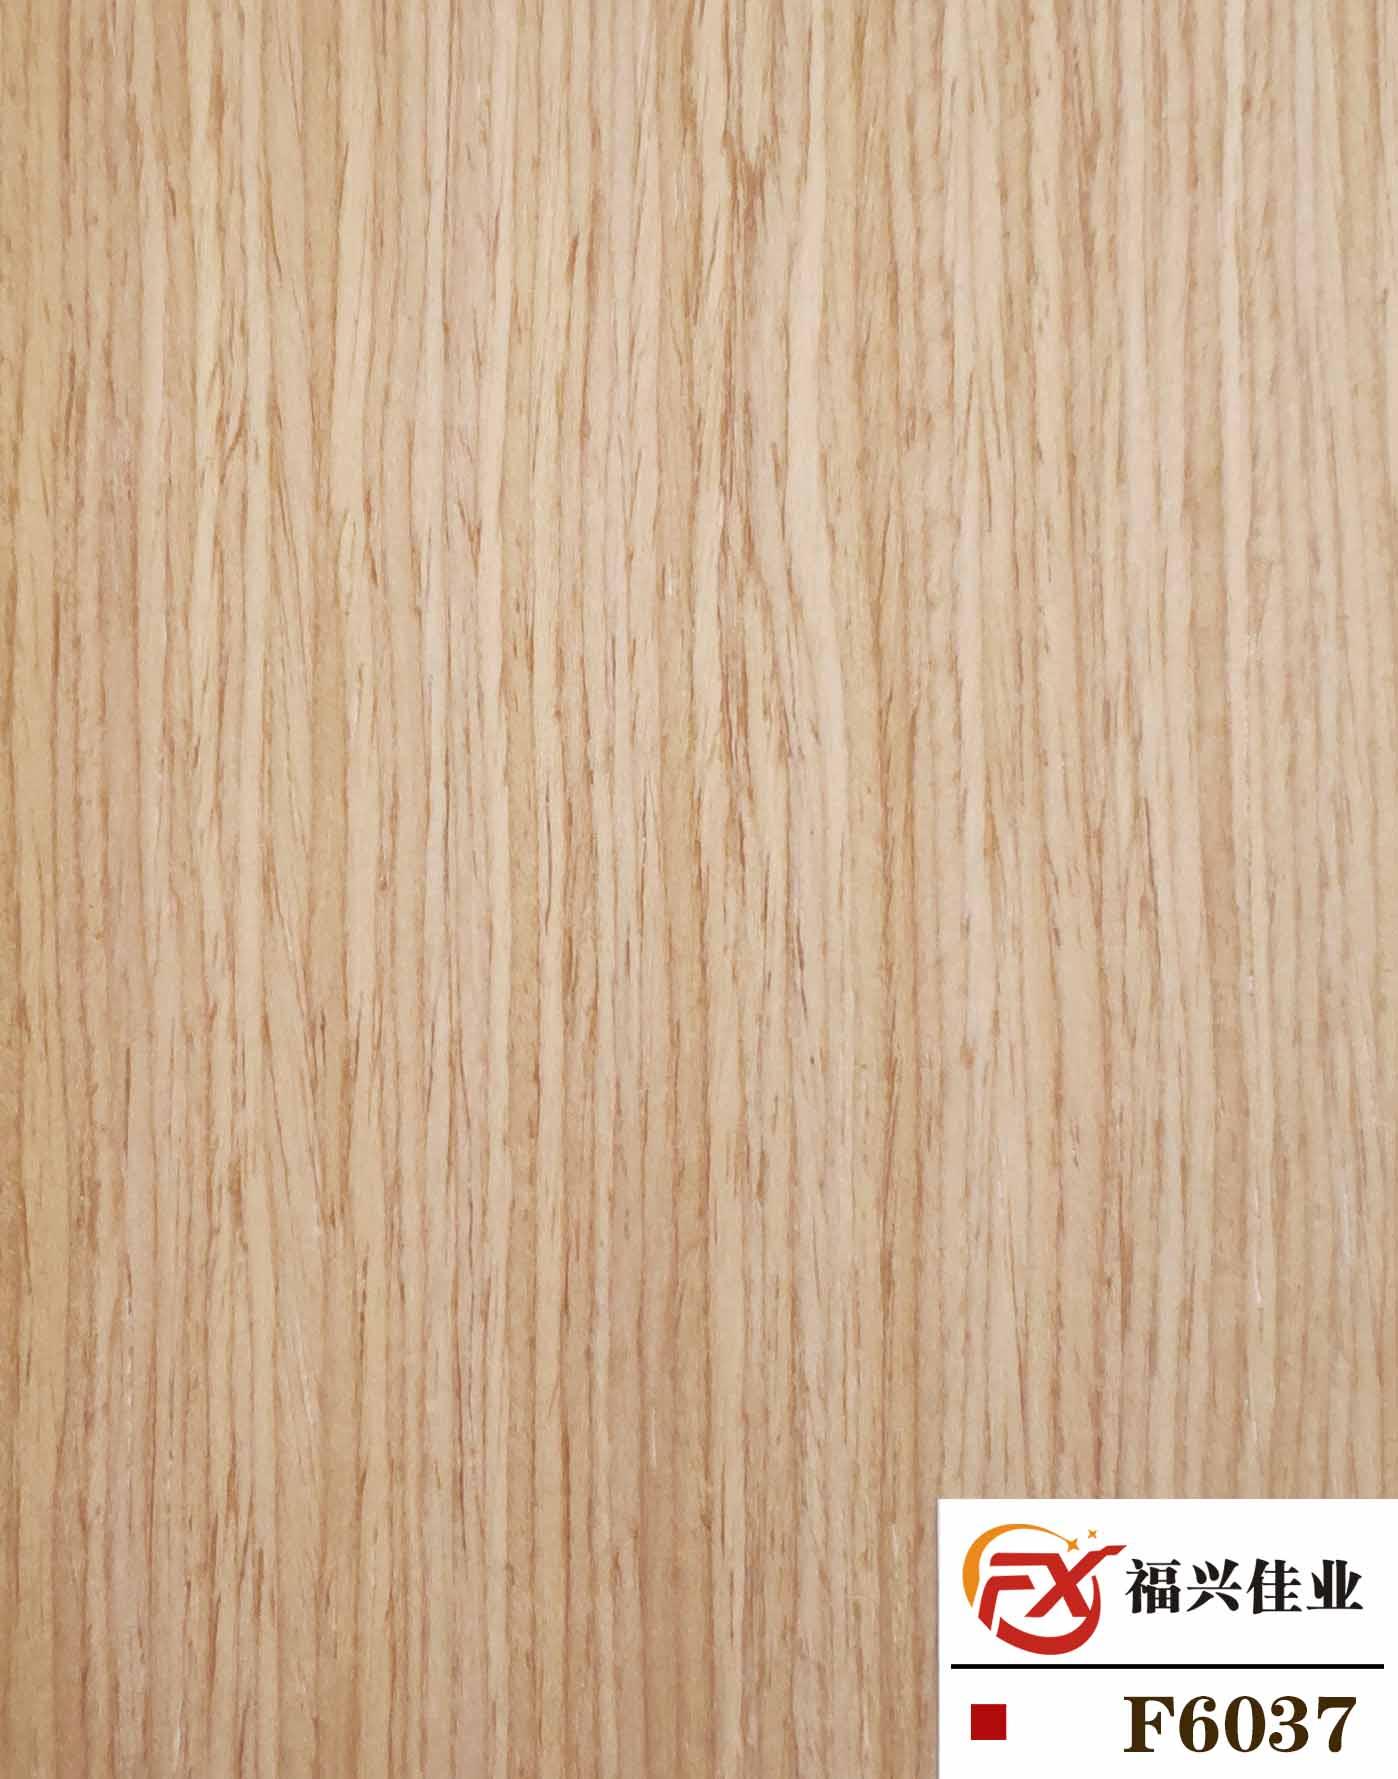 木饰面板销售